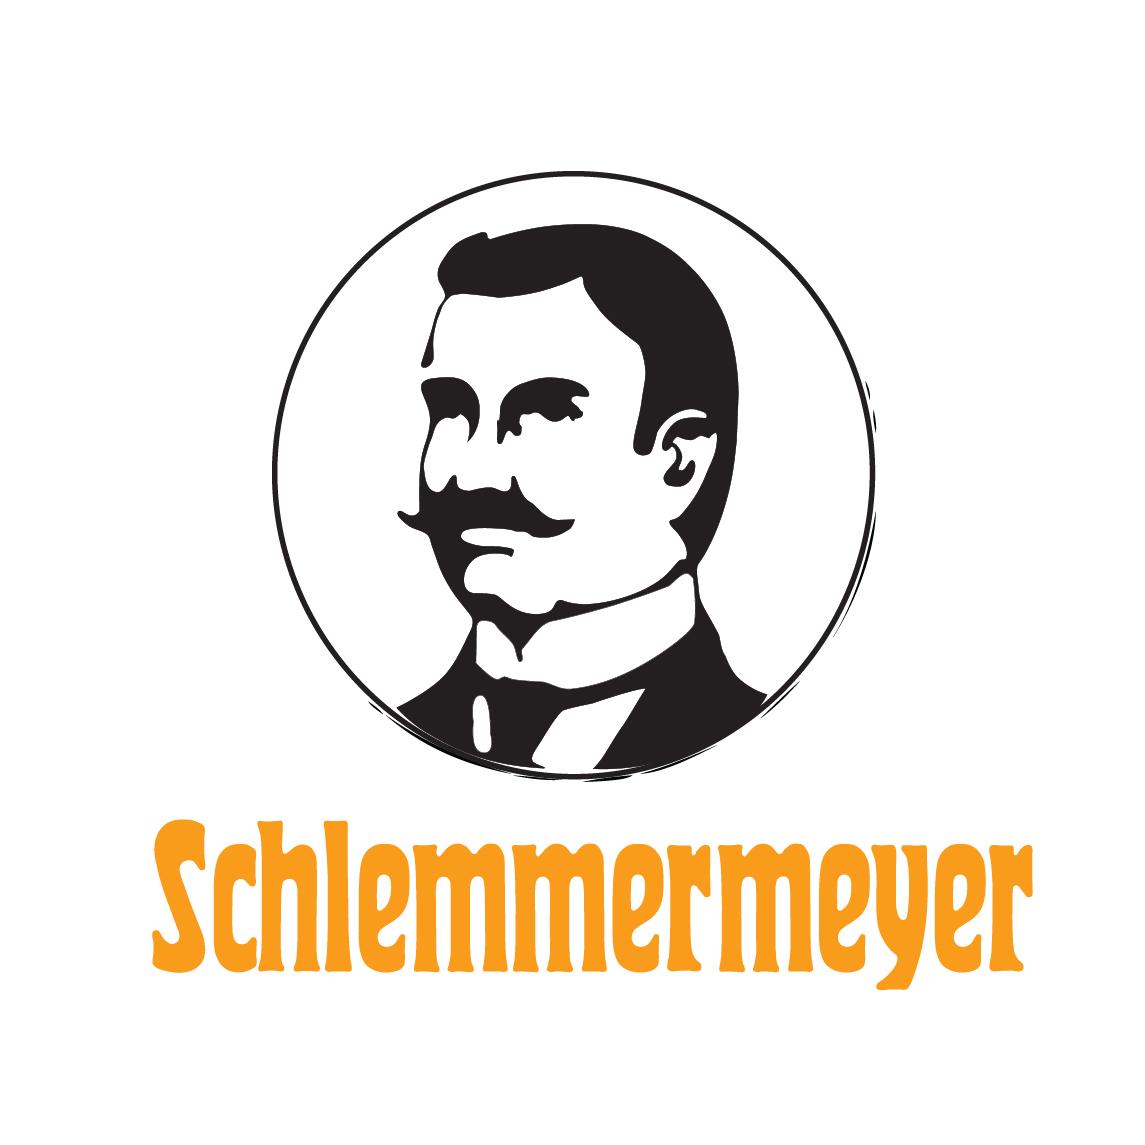 Logo_Schlemmermeyer-01.jpg